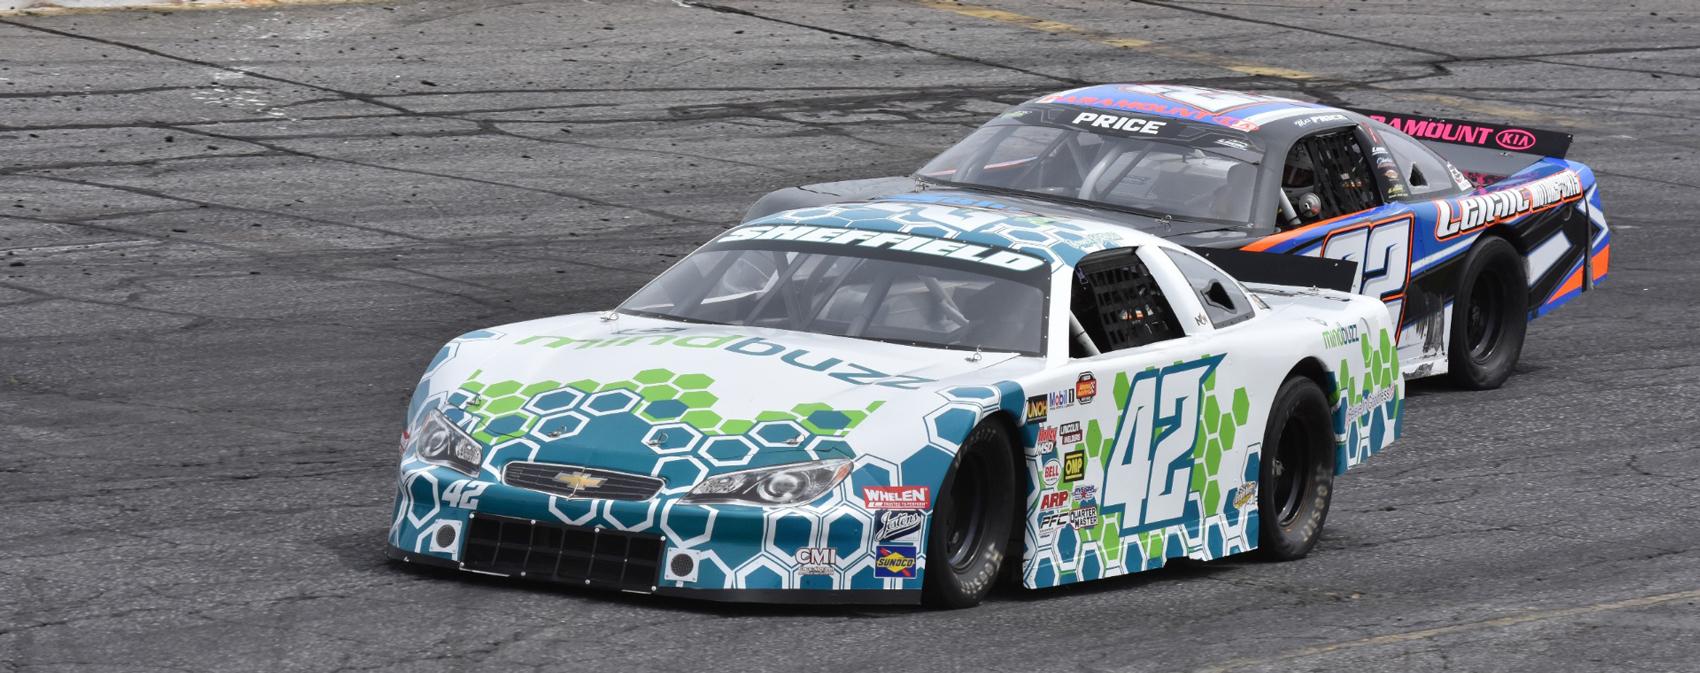 Two race cars on an asphalt track